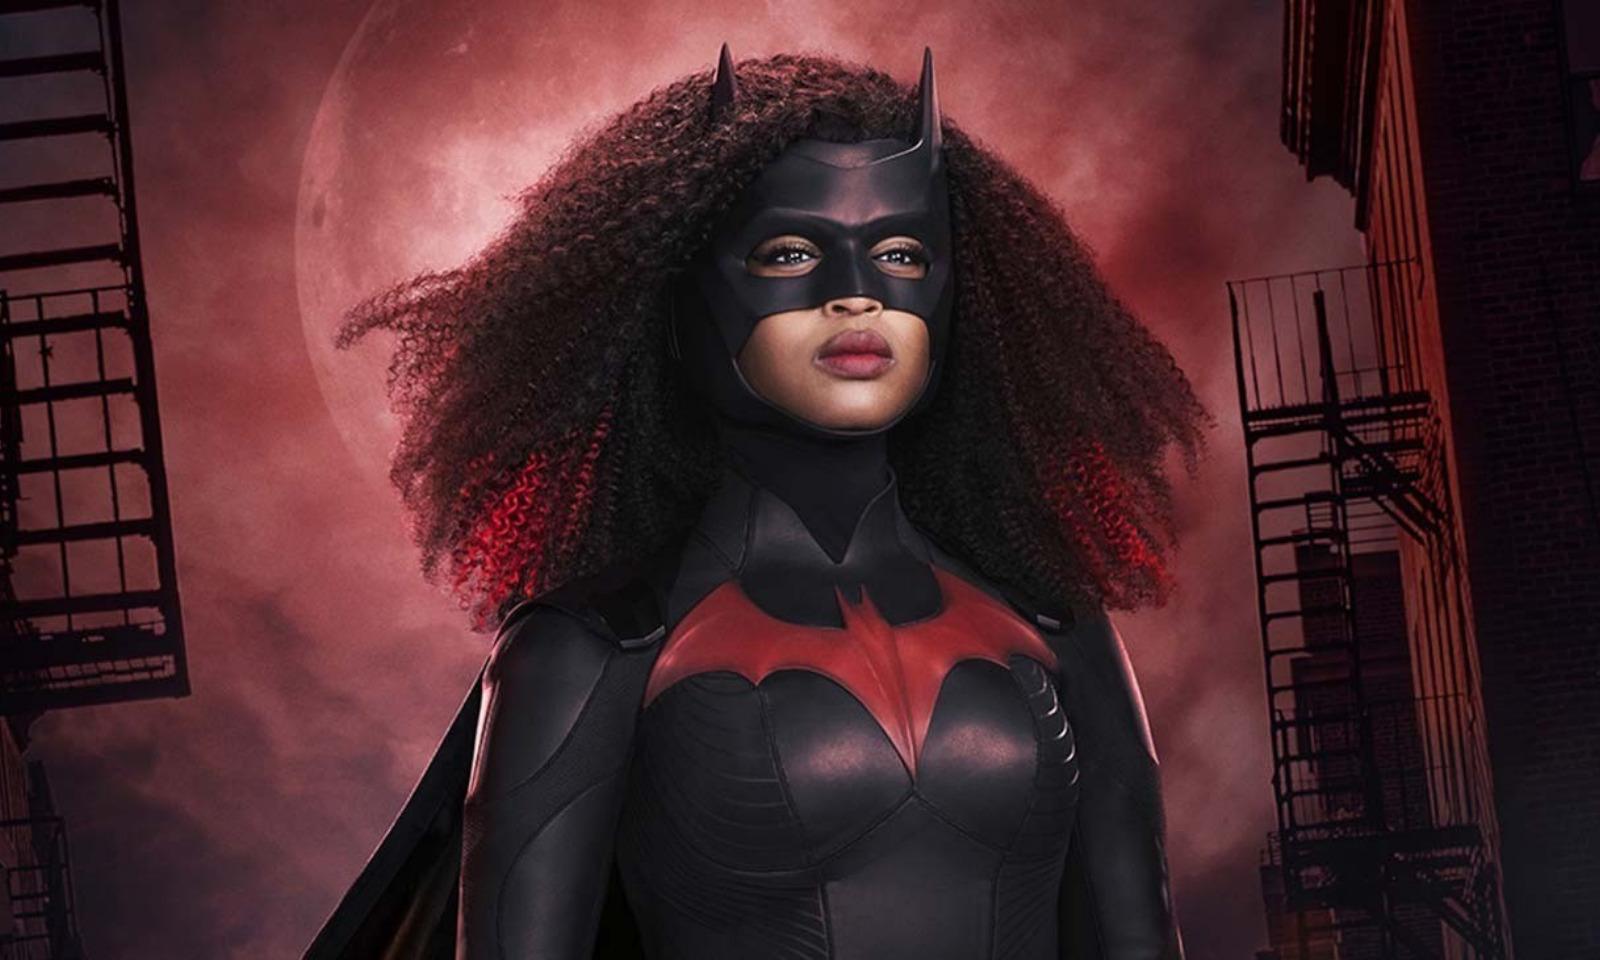 Первые впечатления от2 сезона «Бэтвумен». Стоитли дать сериалу еще один шанс?